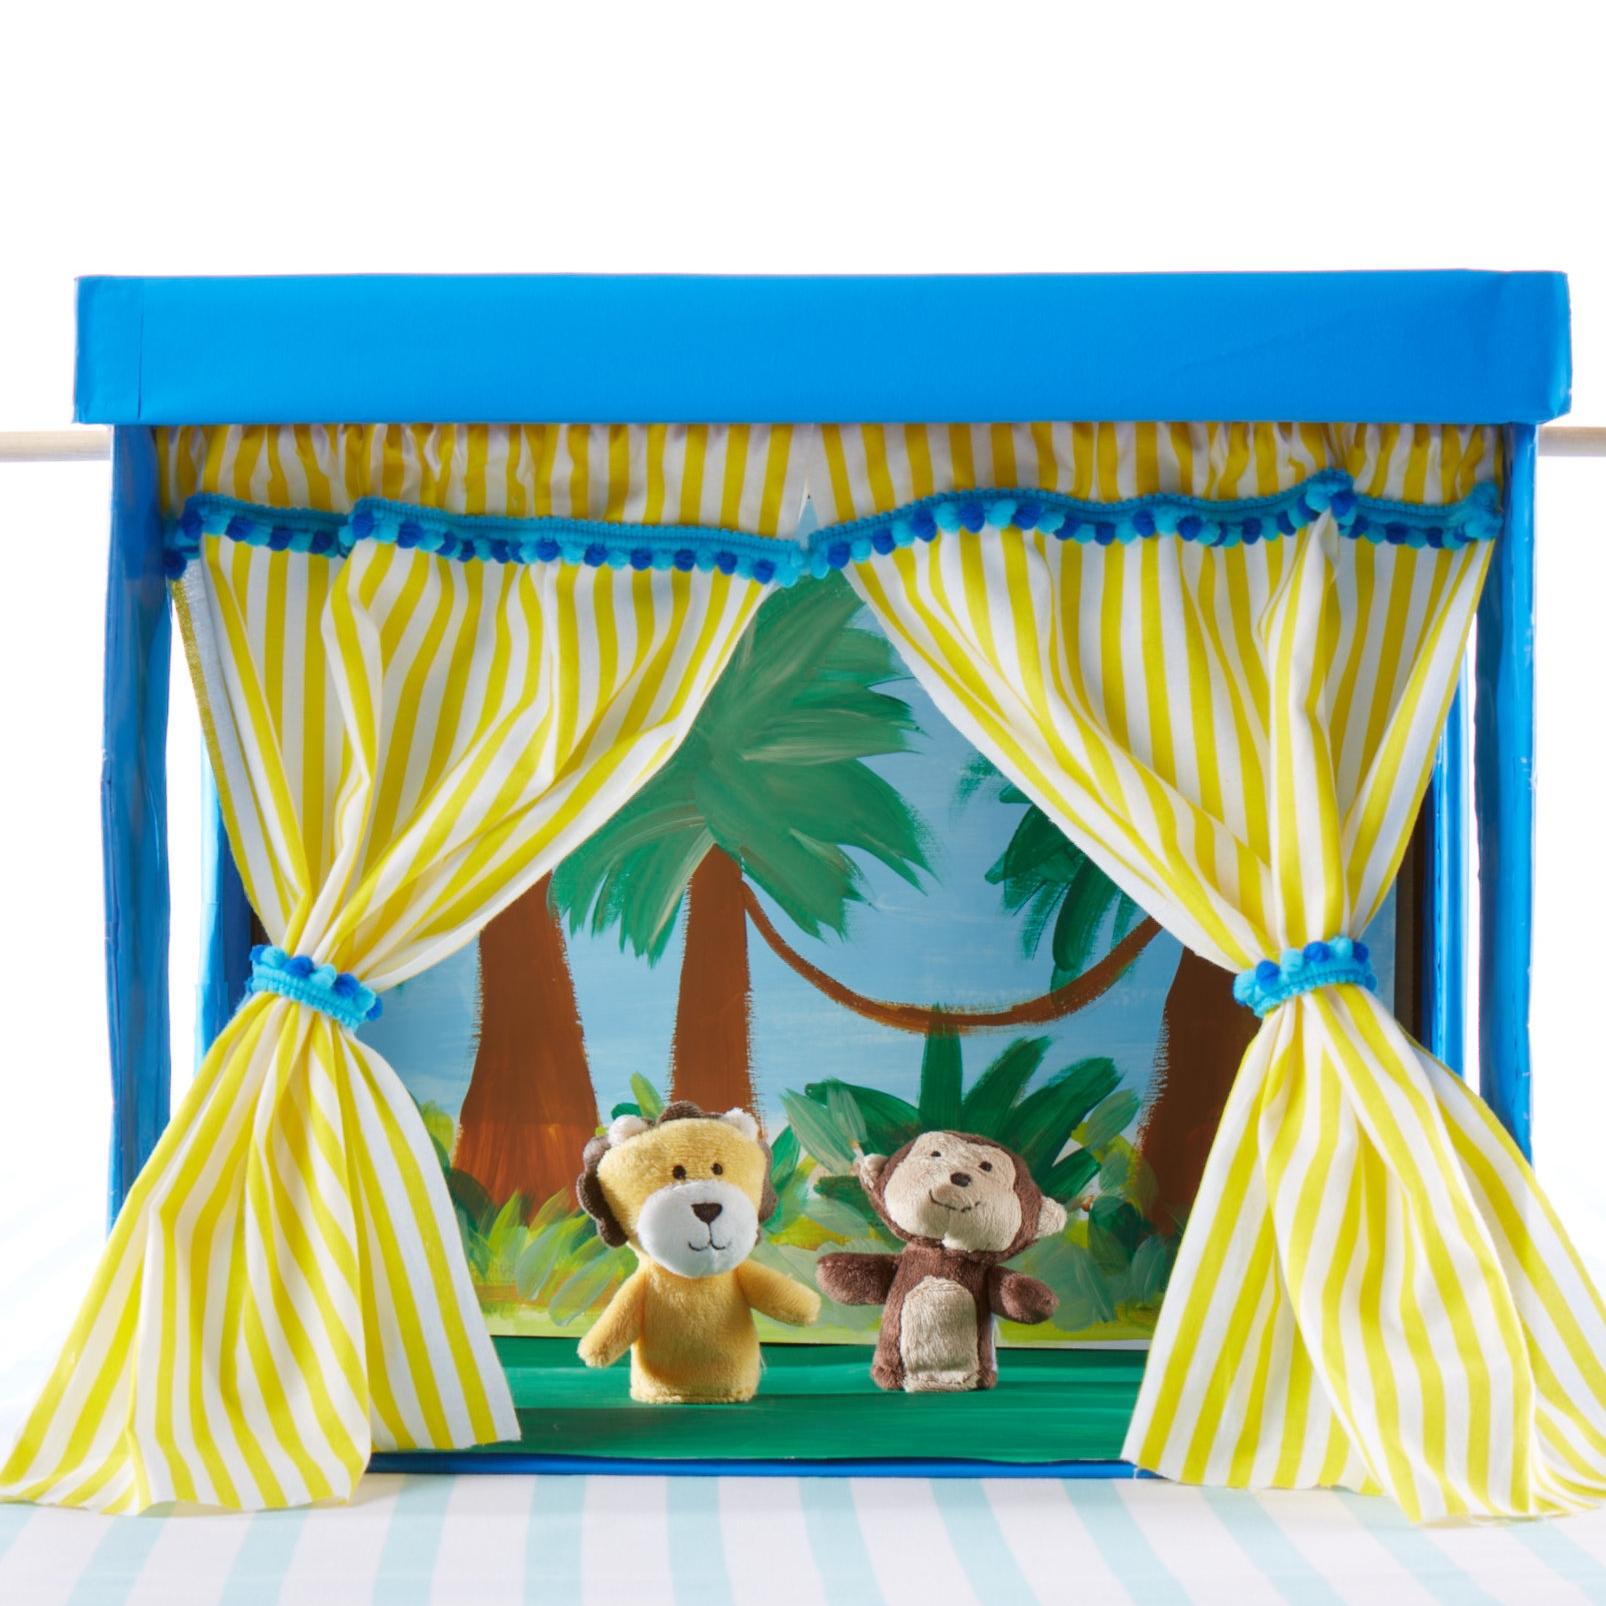 Finger Puppet Theater  for  Carter's |  Steve Pomberg